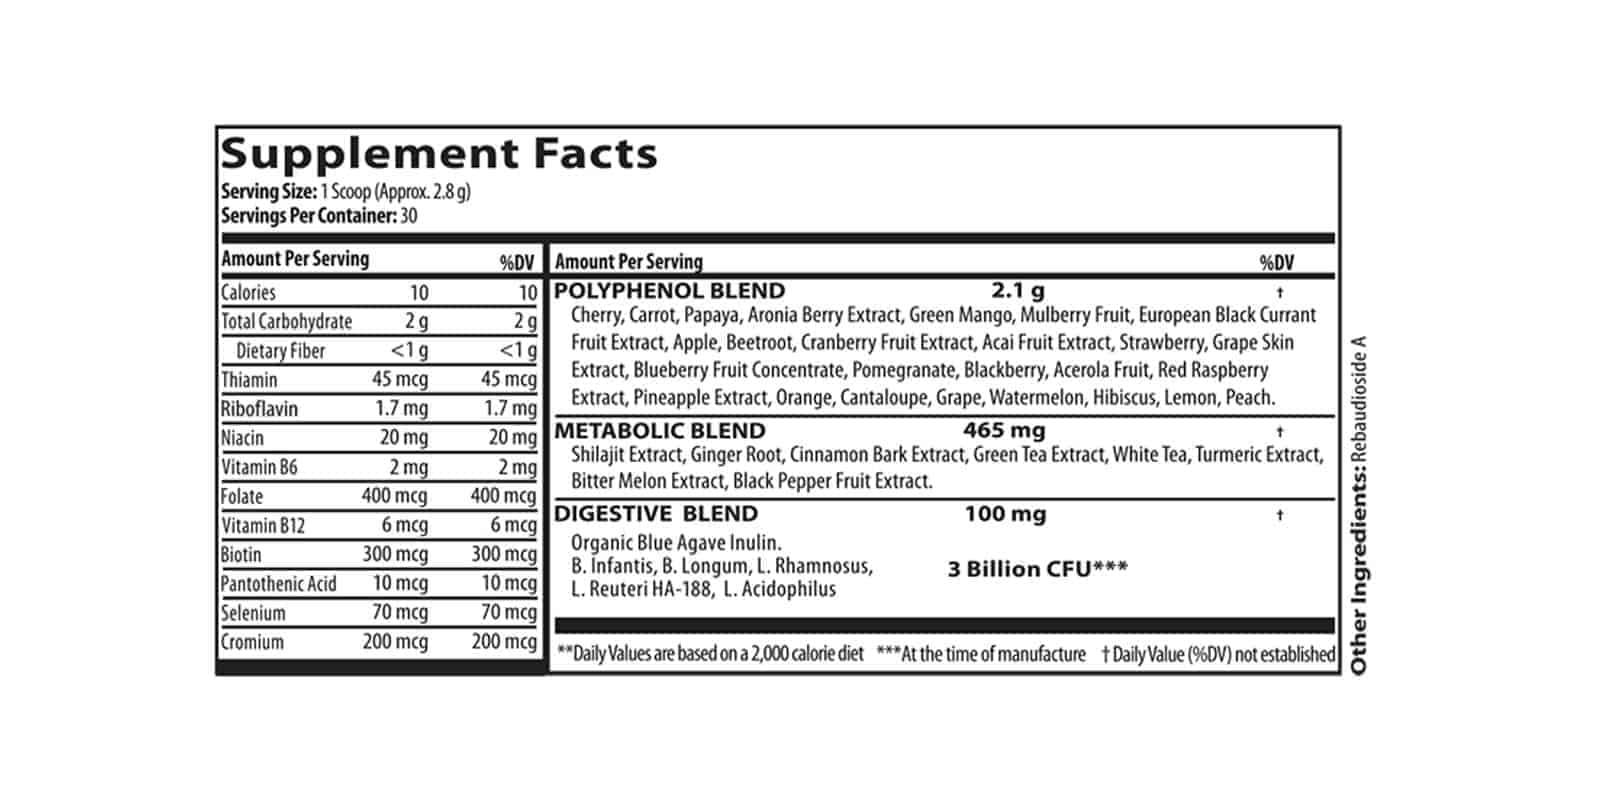 MetaboFix Supplement supplement facts